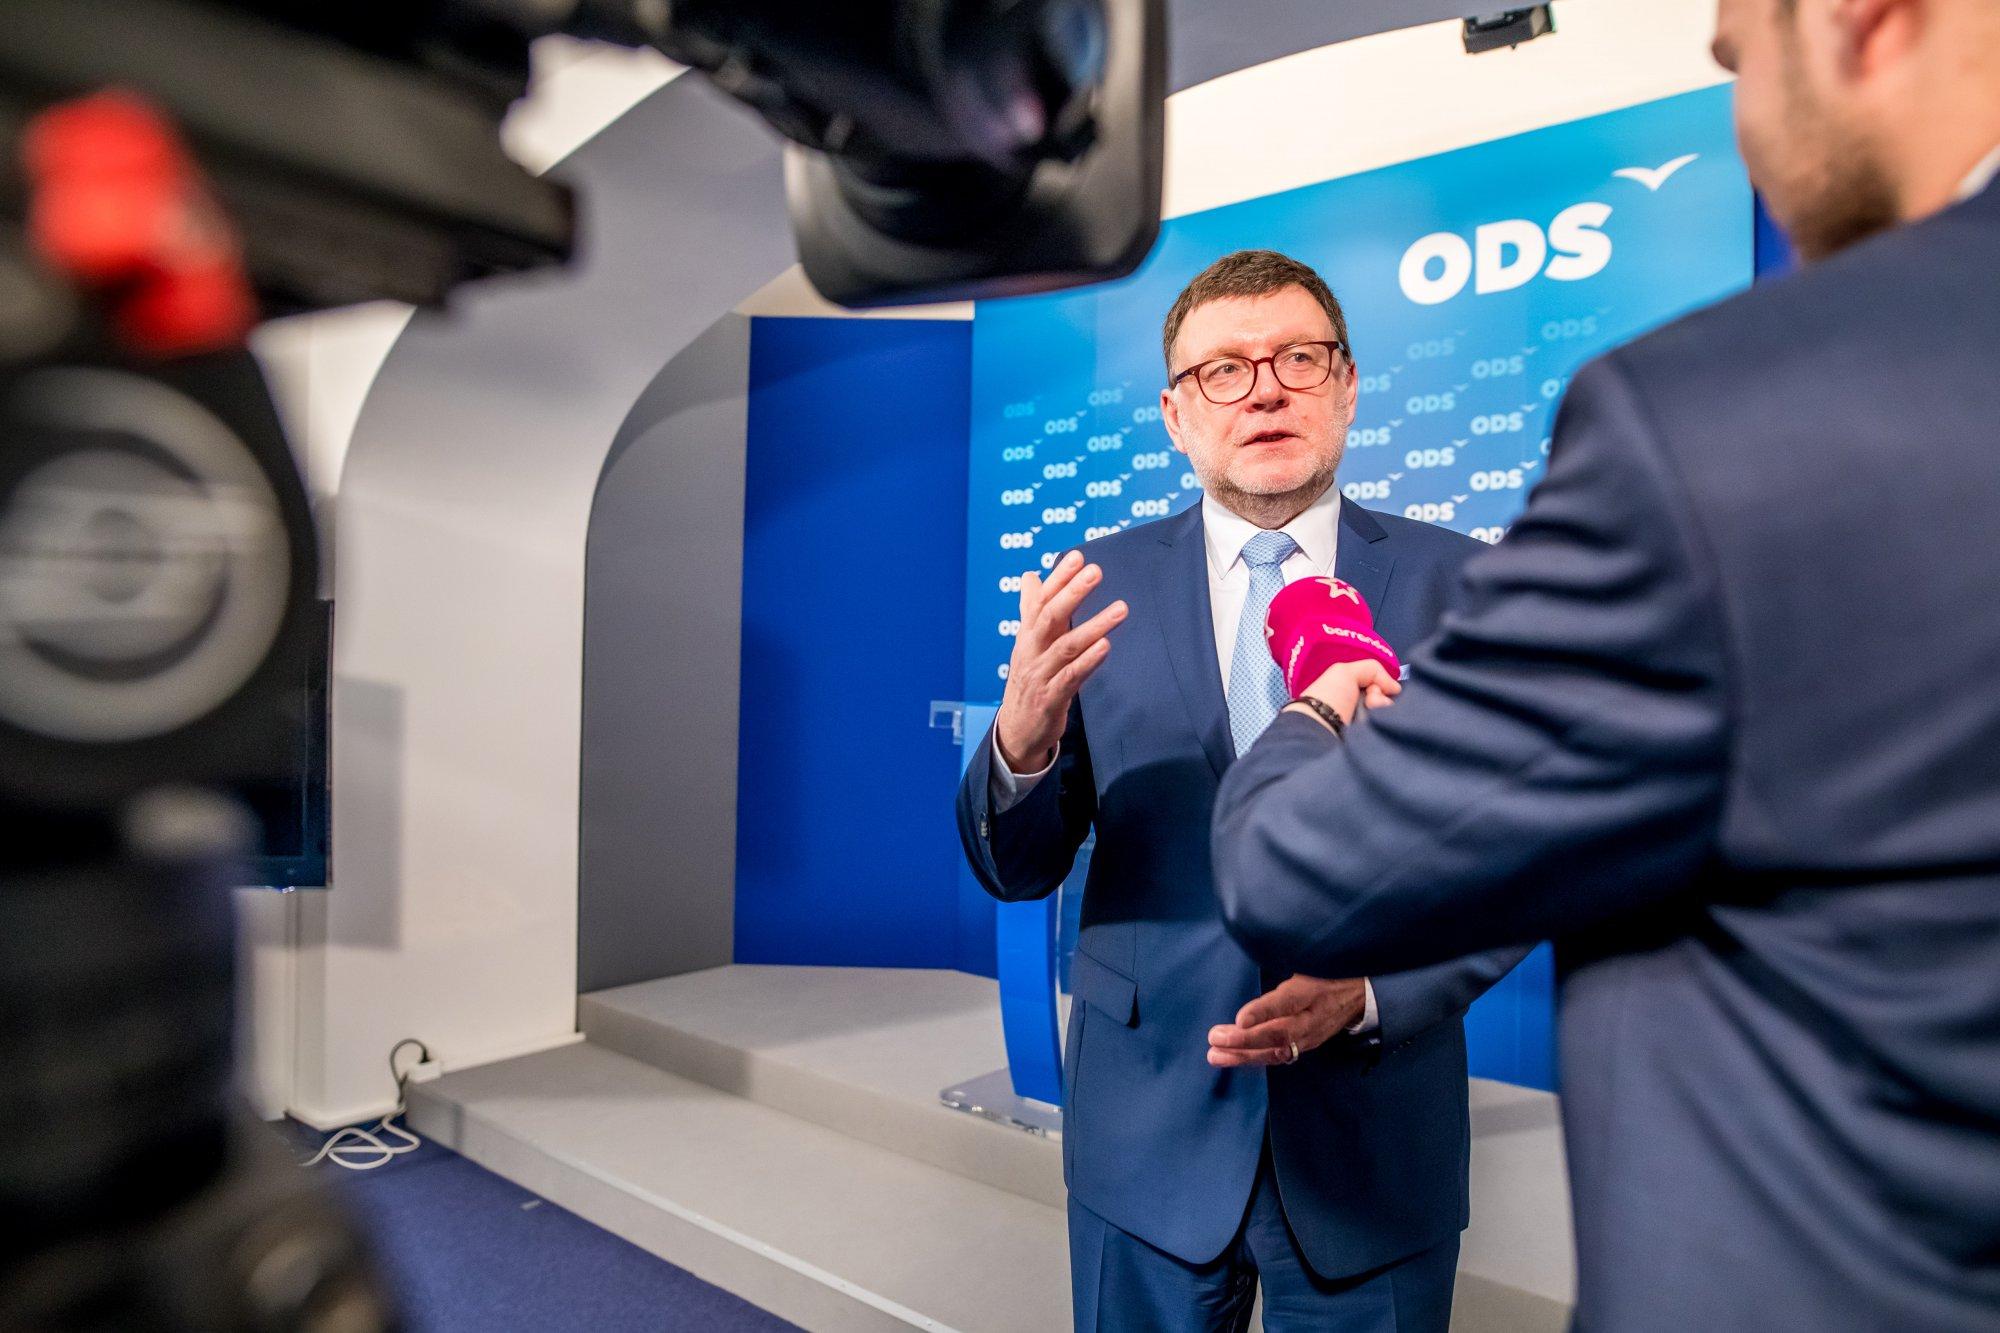 ODS: Náš návrh na zvýšení výdajových paušálů jsme prosadili v rozpočtovém výboru